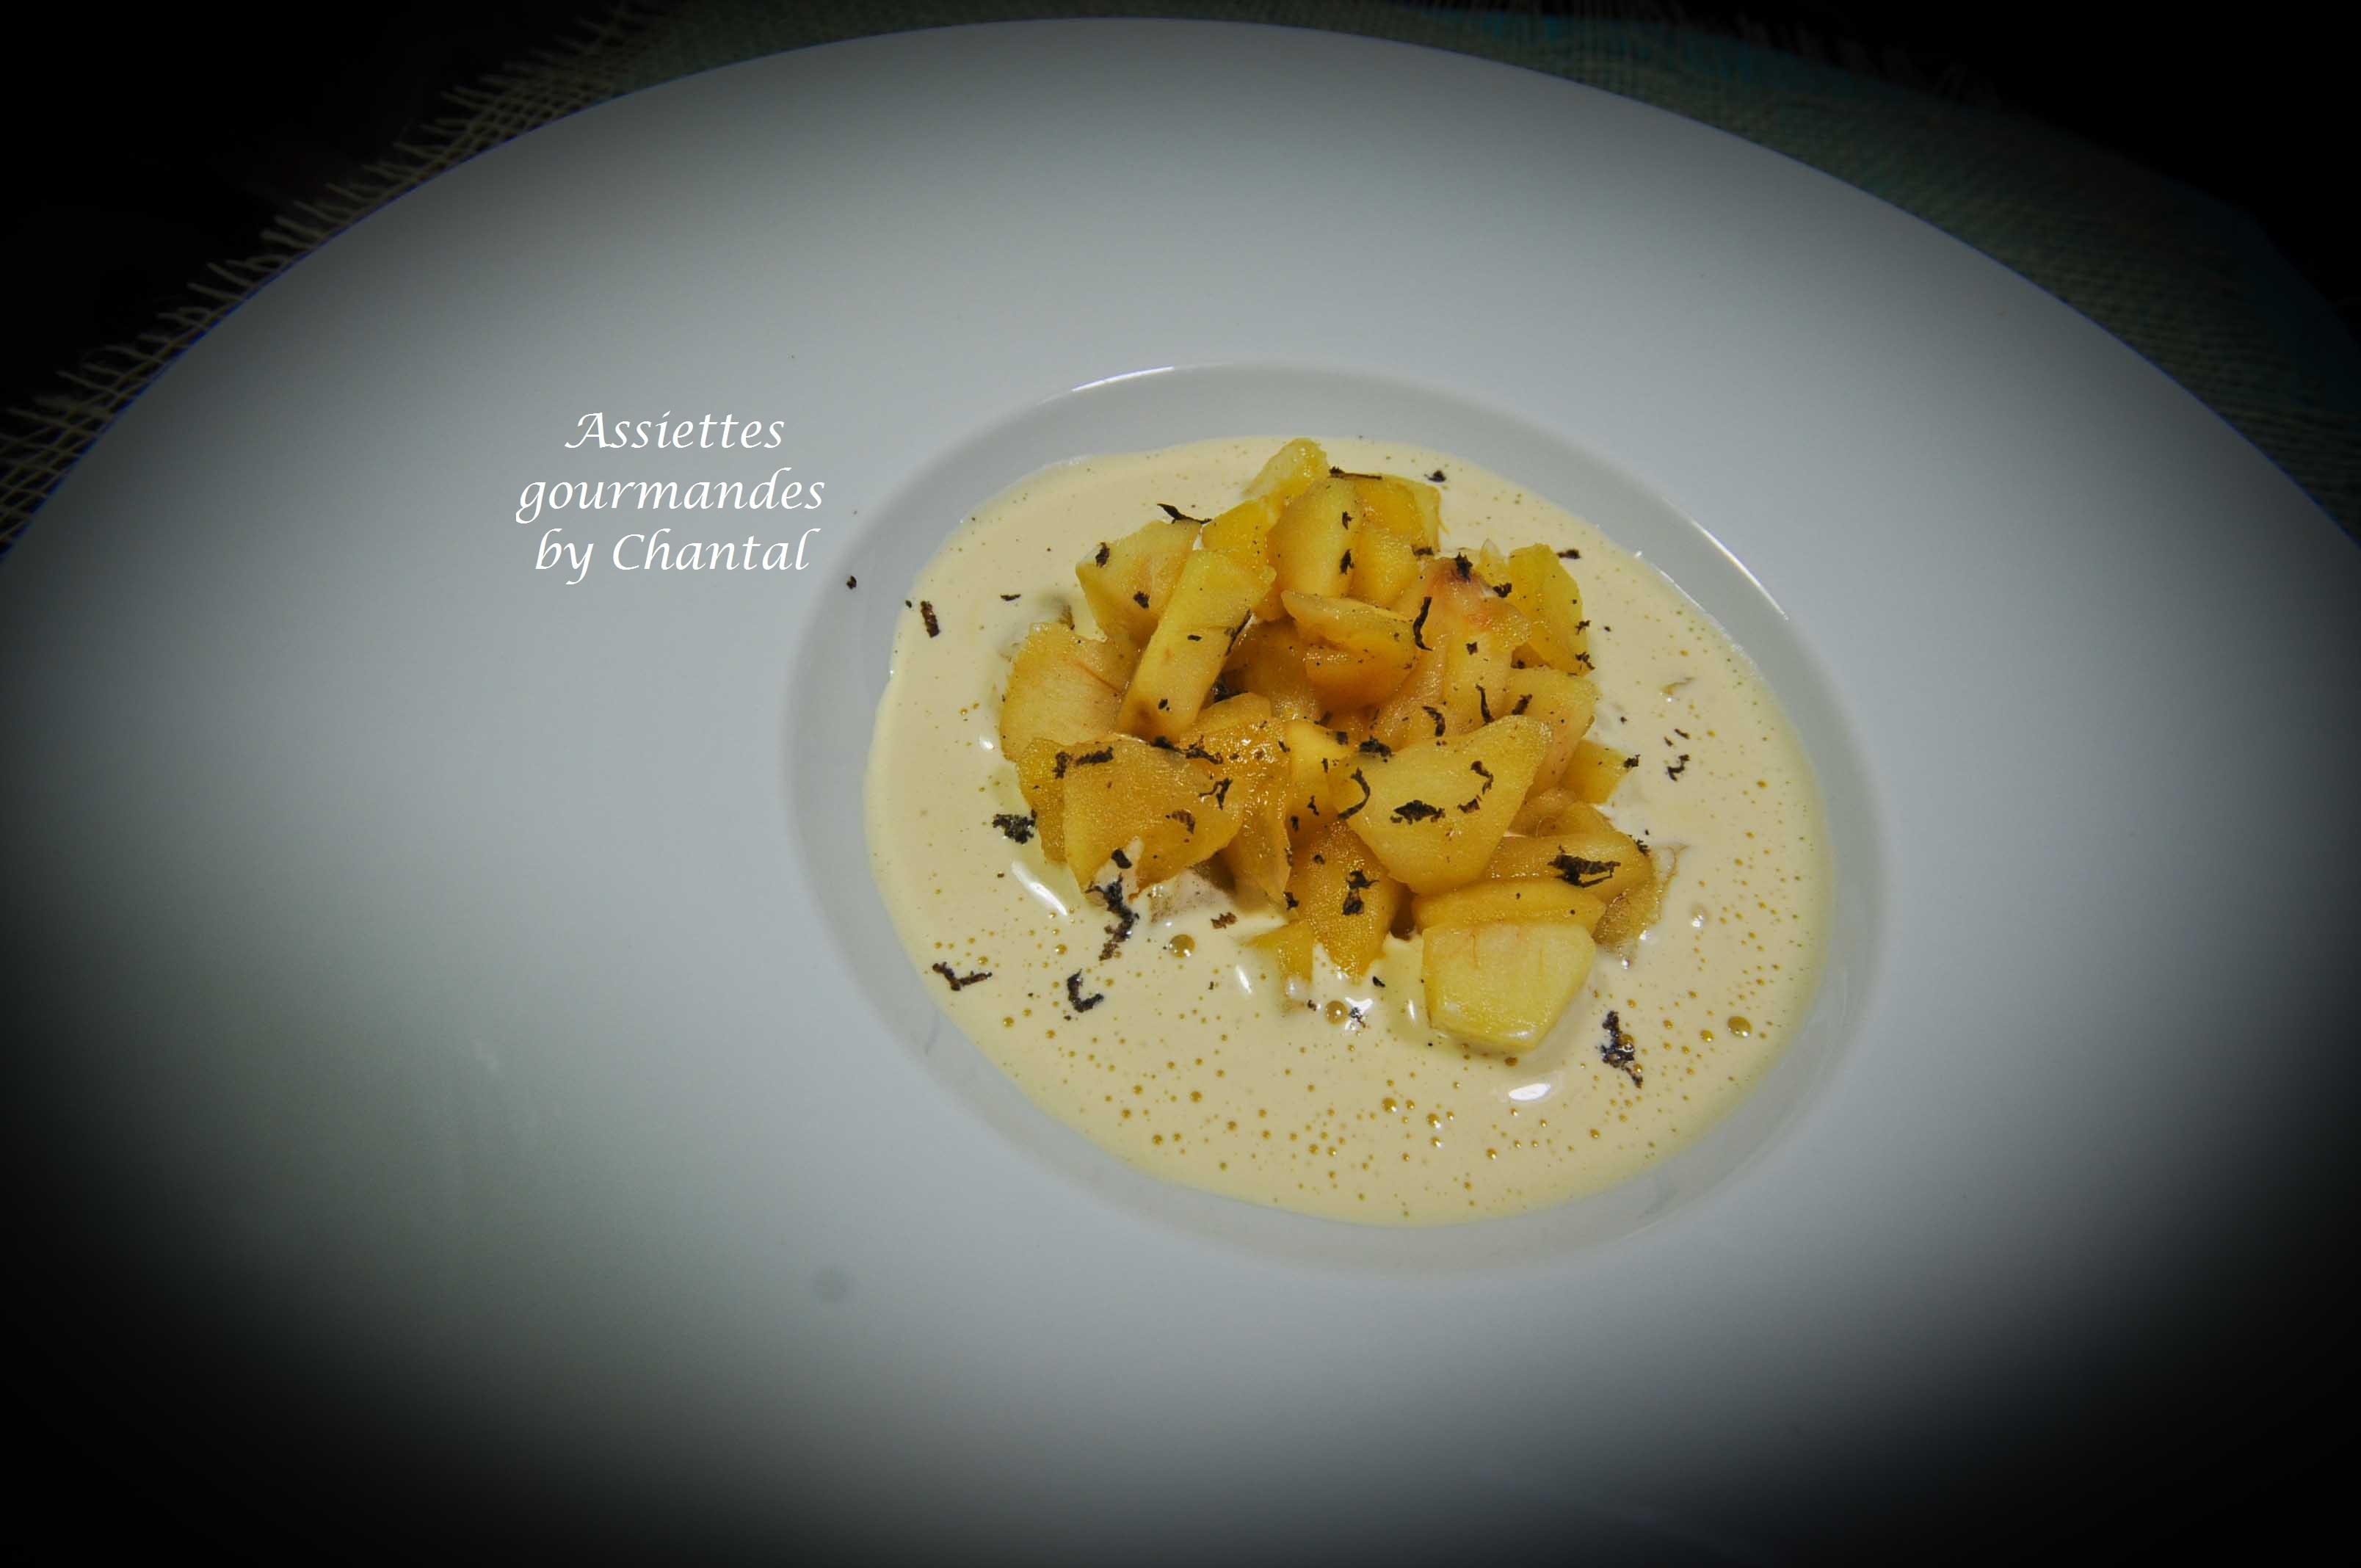 La truffe, ça se mange aussi en dessert! Pommes, sabayon et truffe